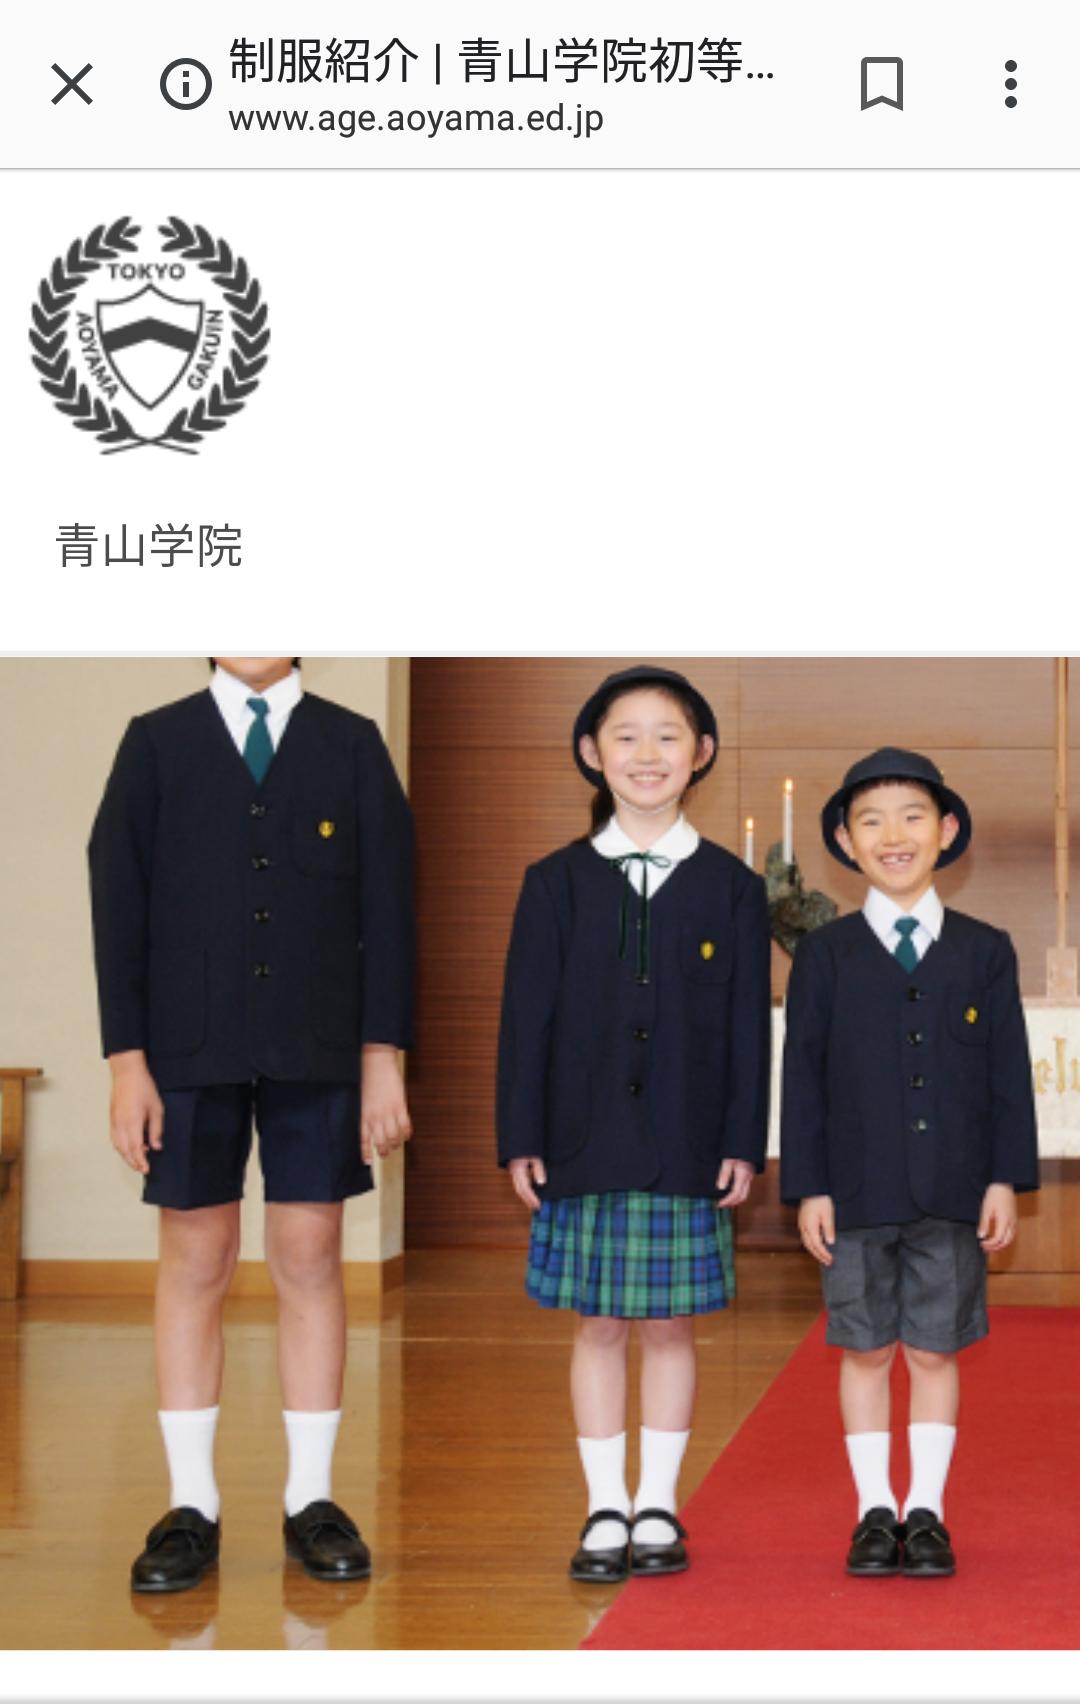 海老蔵 息子 小学校